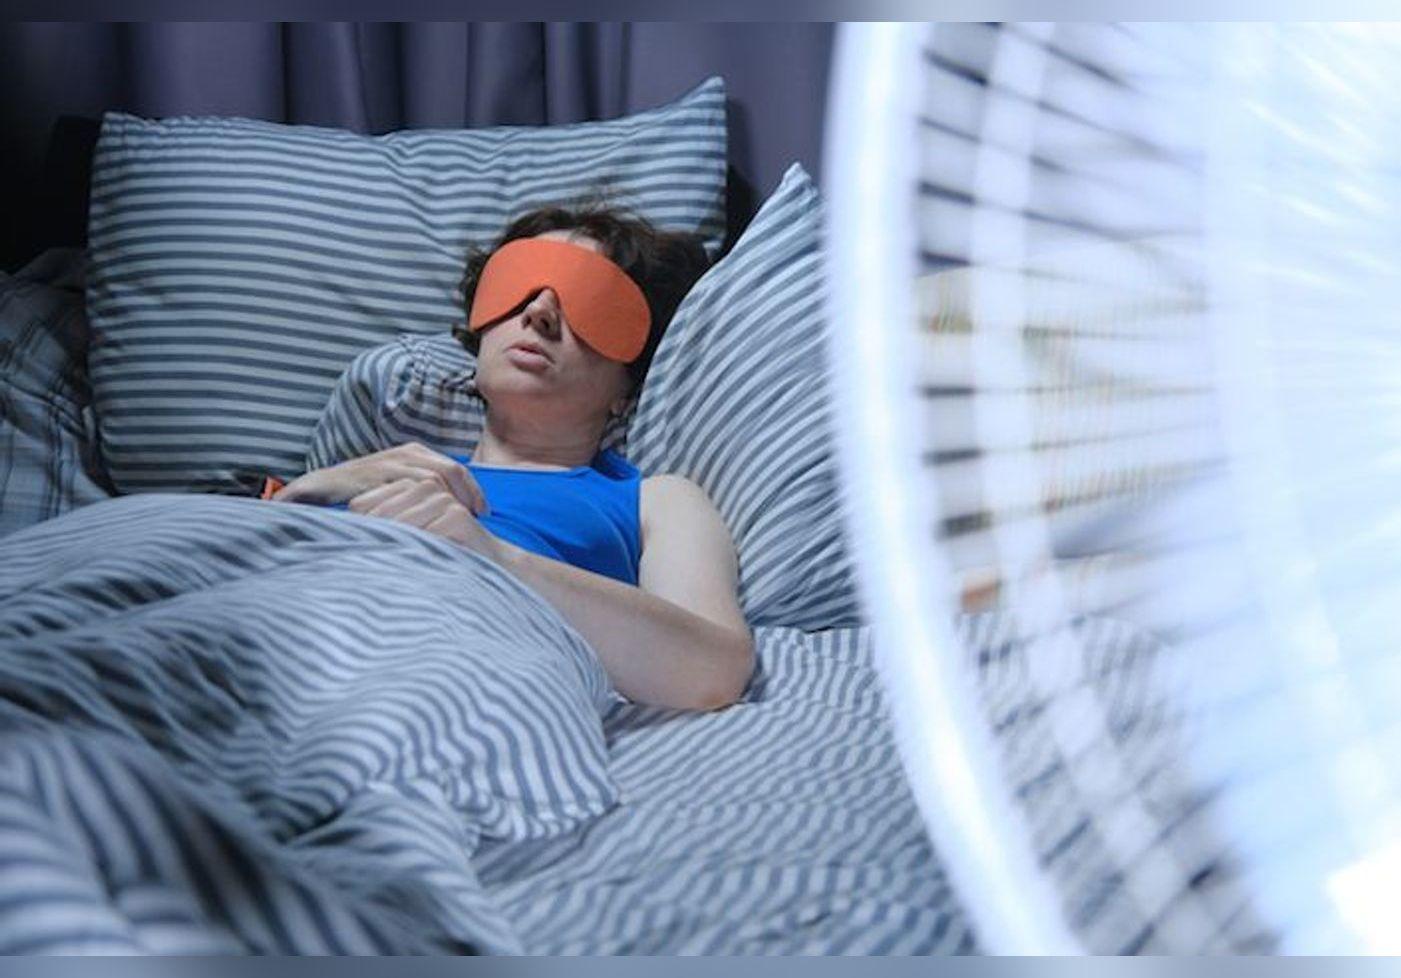 Sommeil : il ne faut absolument pas s'endormir avec son ventilateur allumé. Découvrez pourquoi...